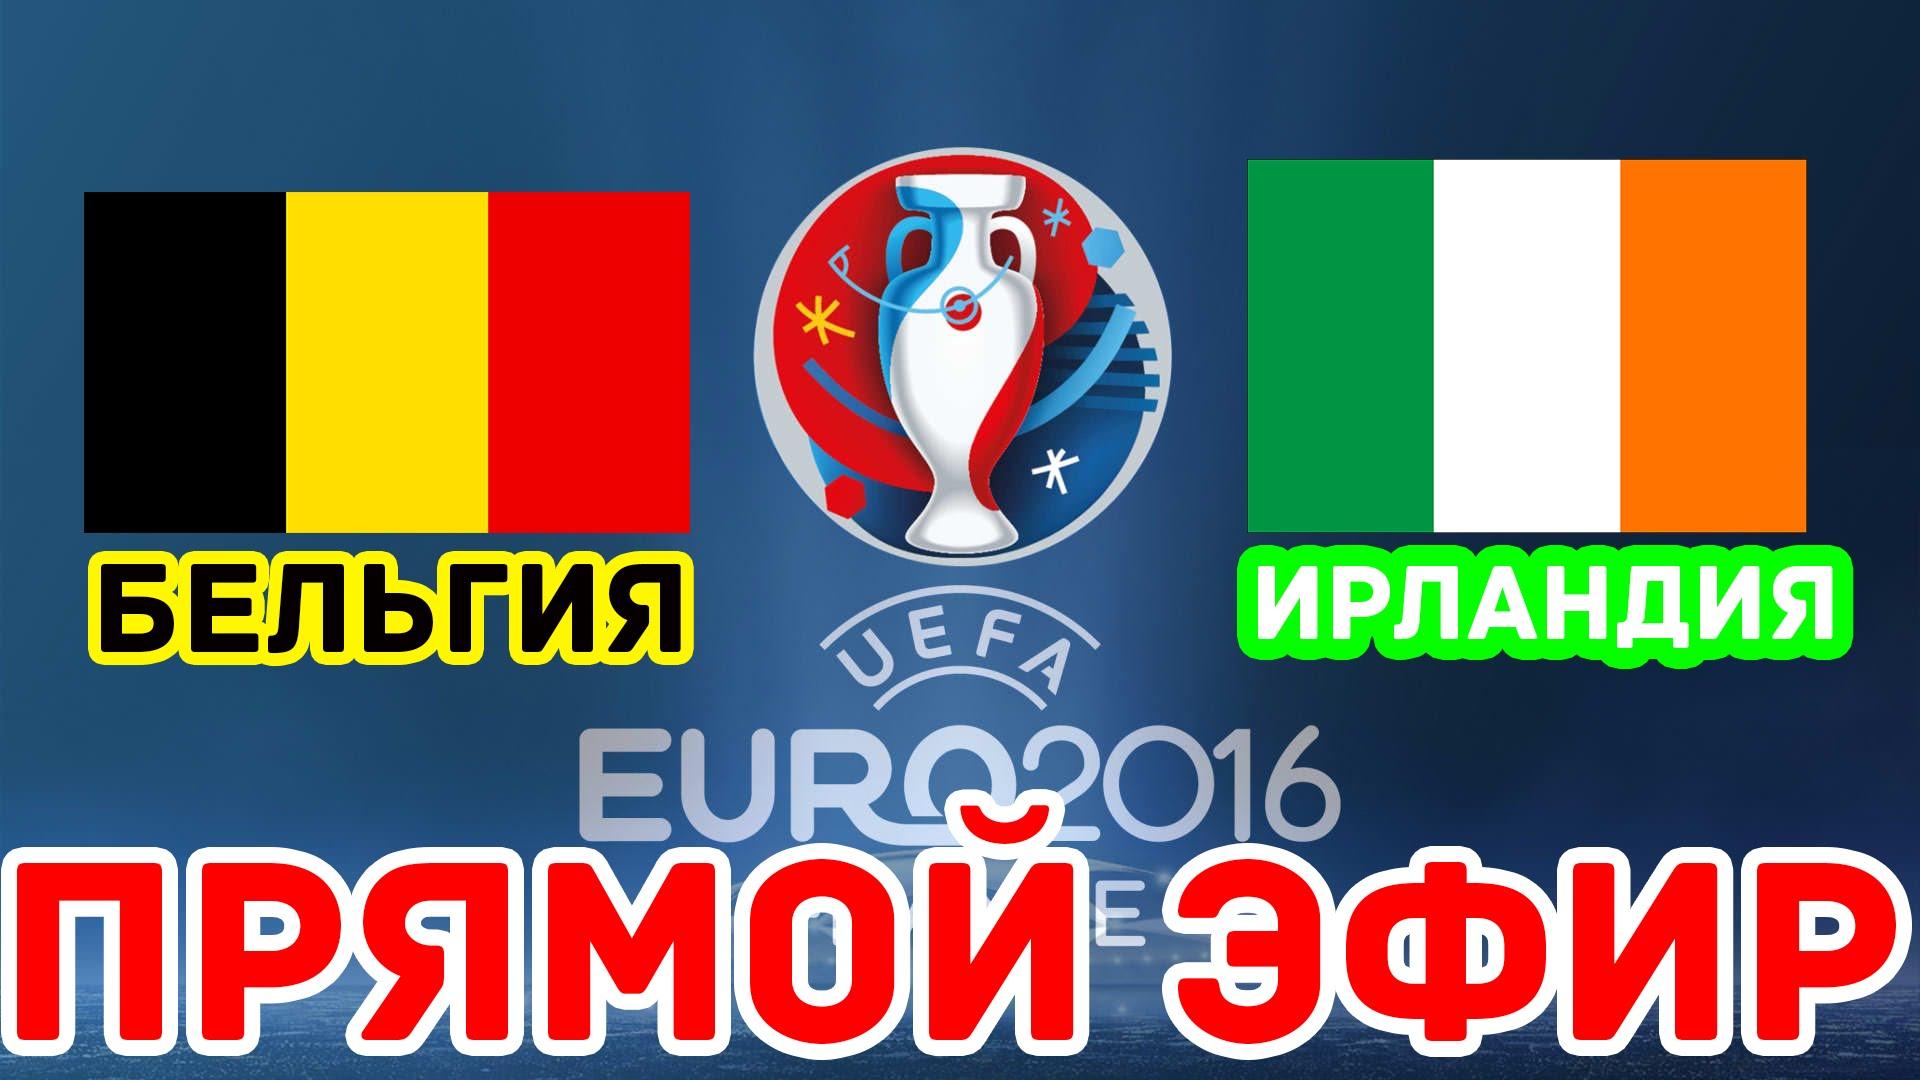 Футбол прямая трансляция россия бельгия смотреть онлайн 14 фотография